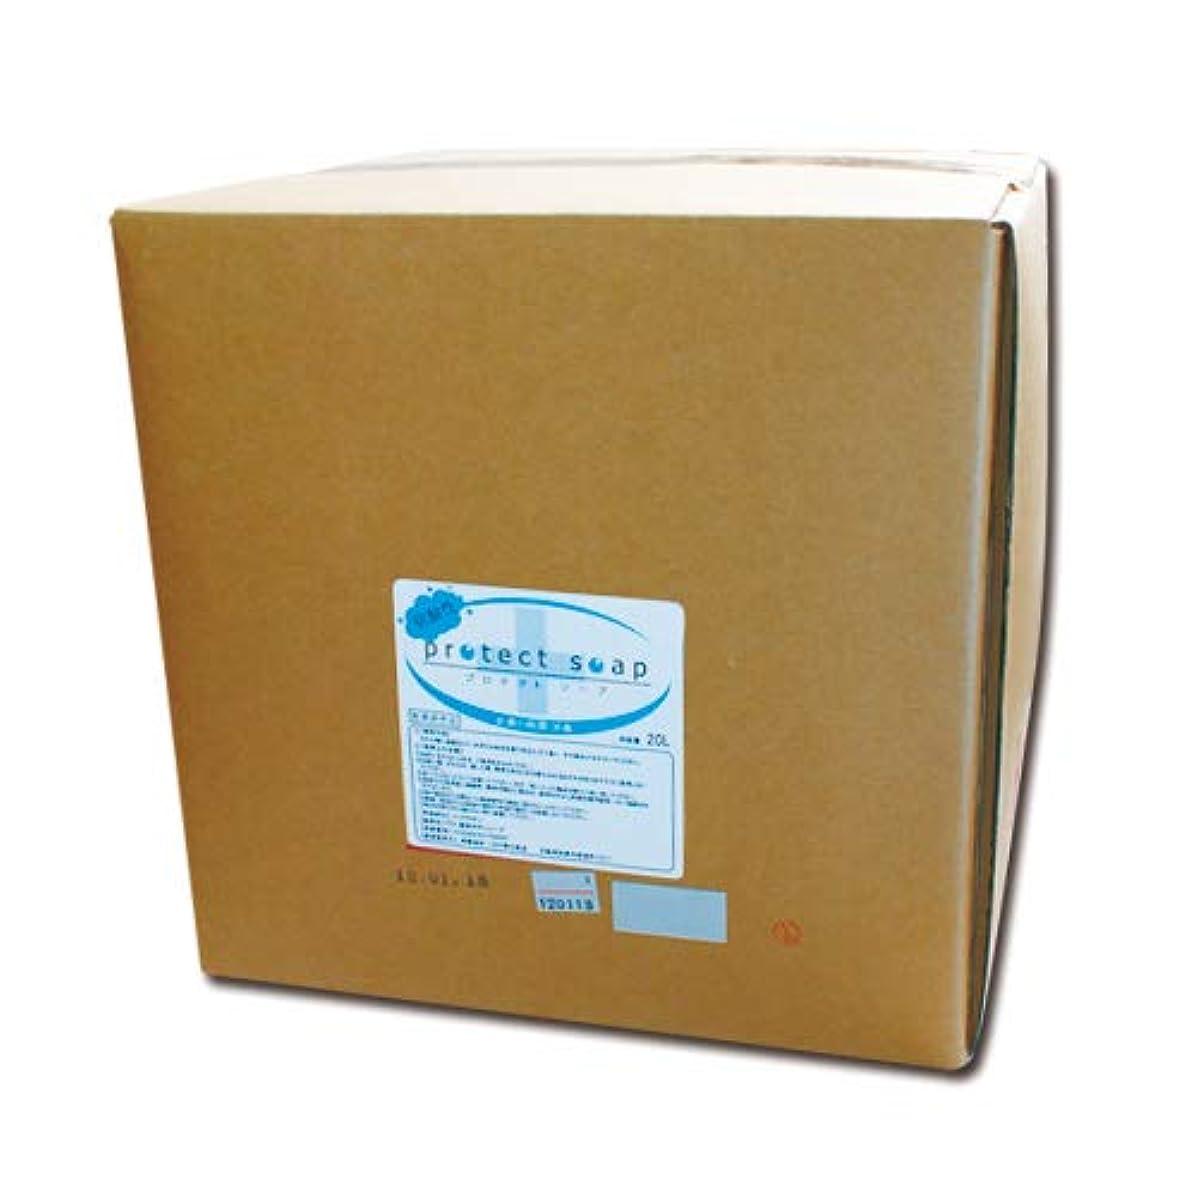 含める肩をすくめる消毒する低刺激弱酸性 液体石鹸 プロテクトソープ 20L 業務用